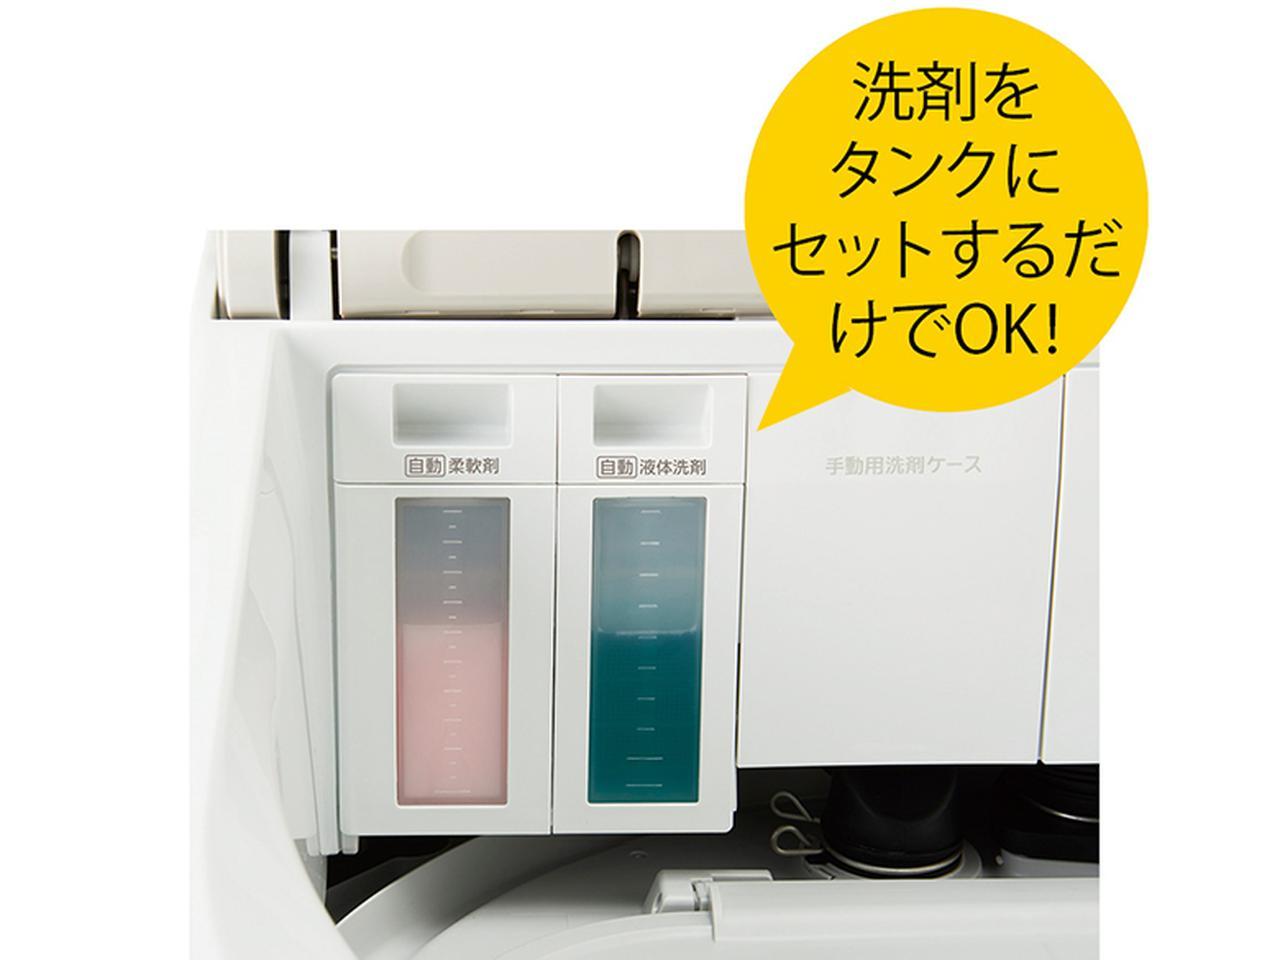 画像: タンクに液体合成洗剤と柔軟剤をセットしておくと、洗濯のたびに最適な量を自動で投入してくれる。